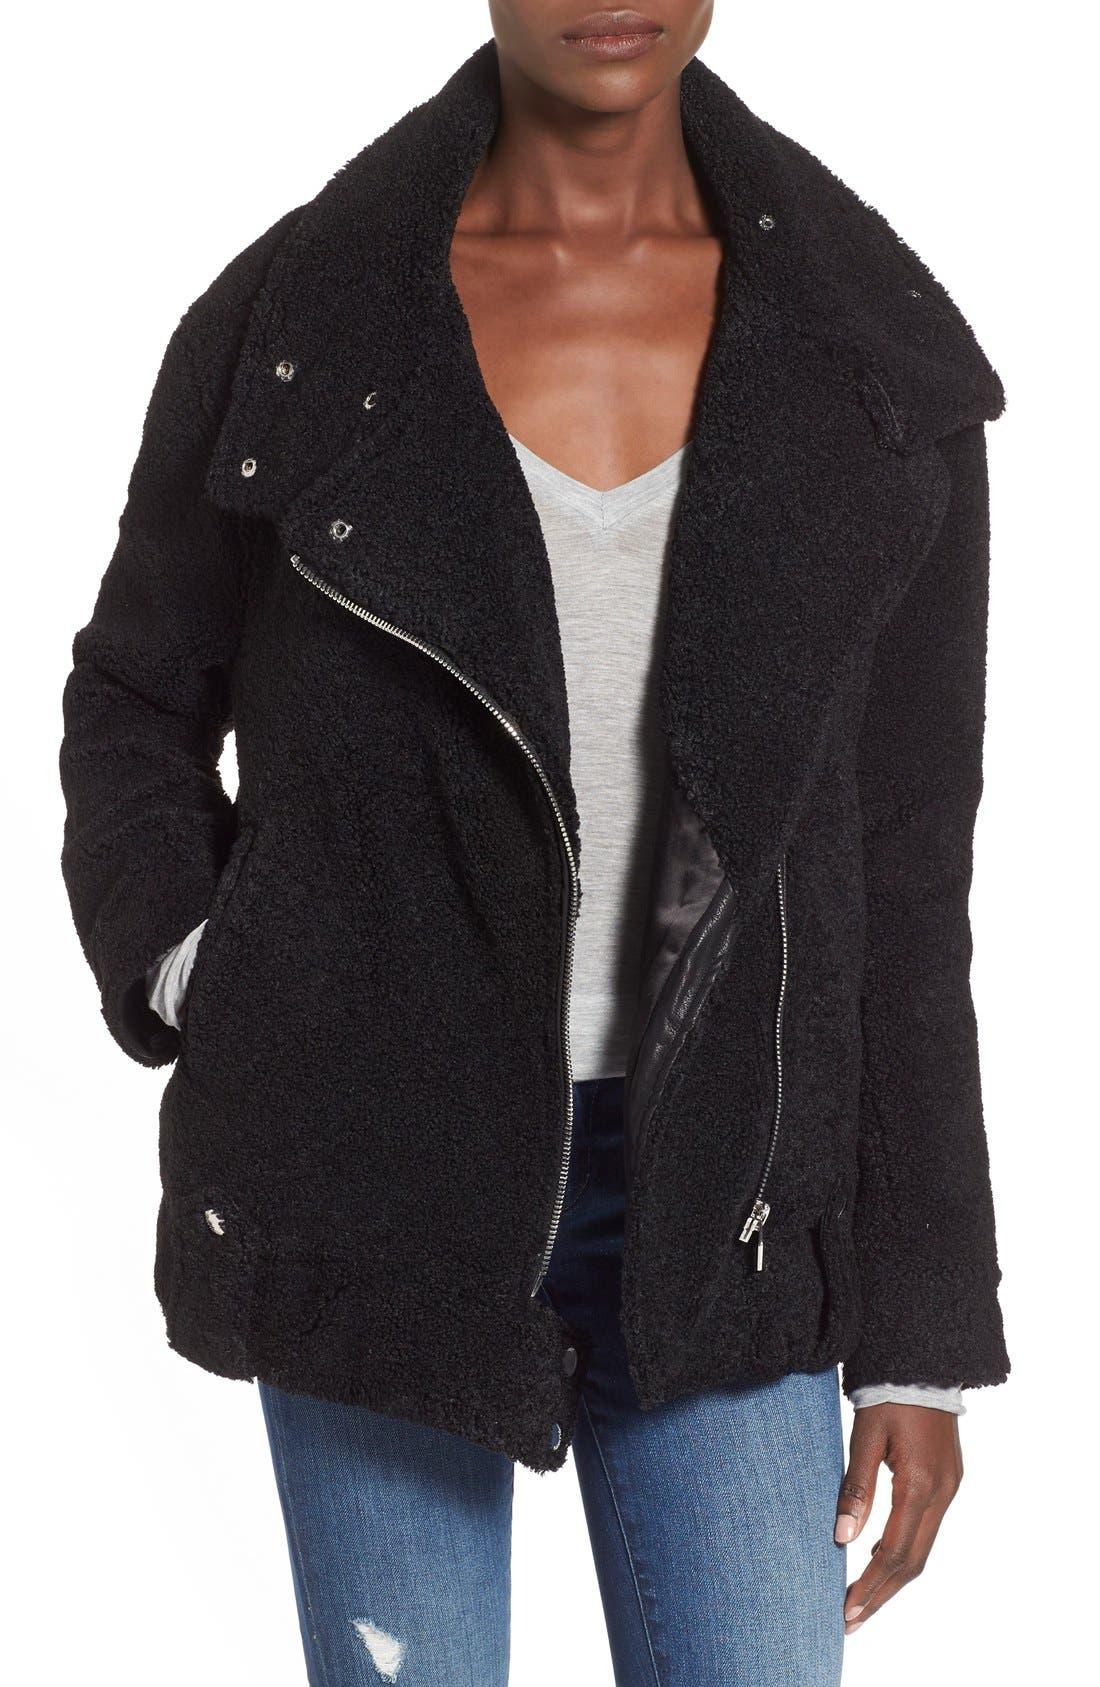 Alternate Image 1 Selected - BLANKNYC 'Teddy' Moto Jacket